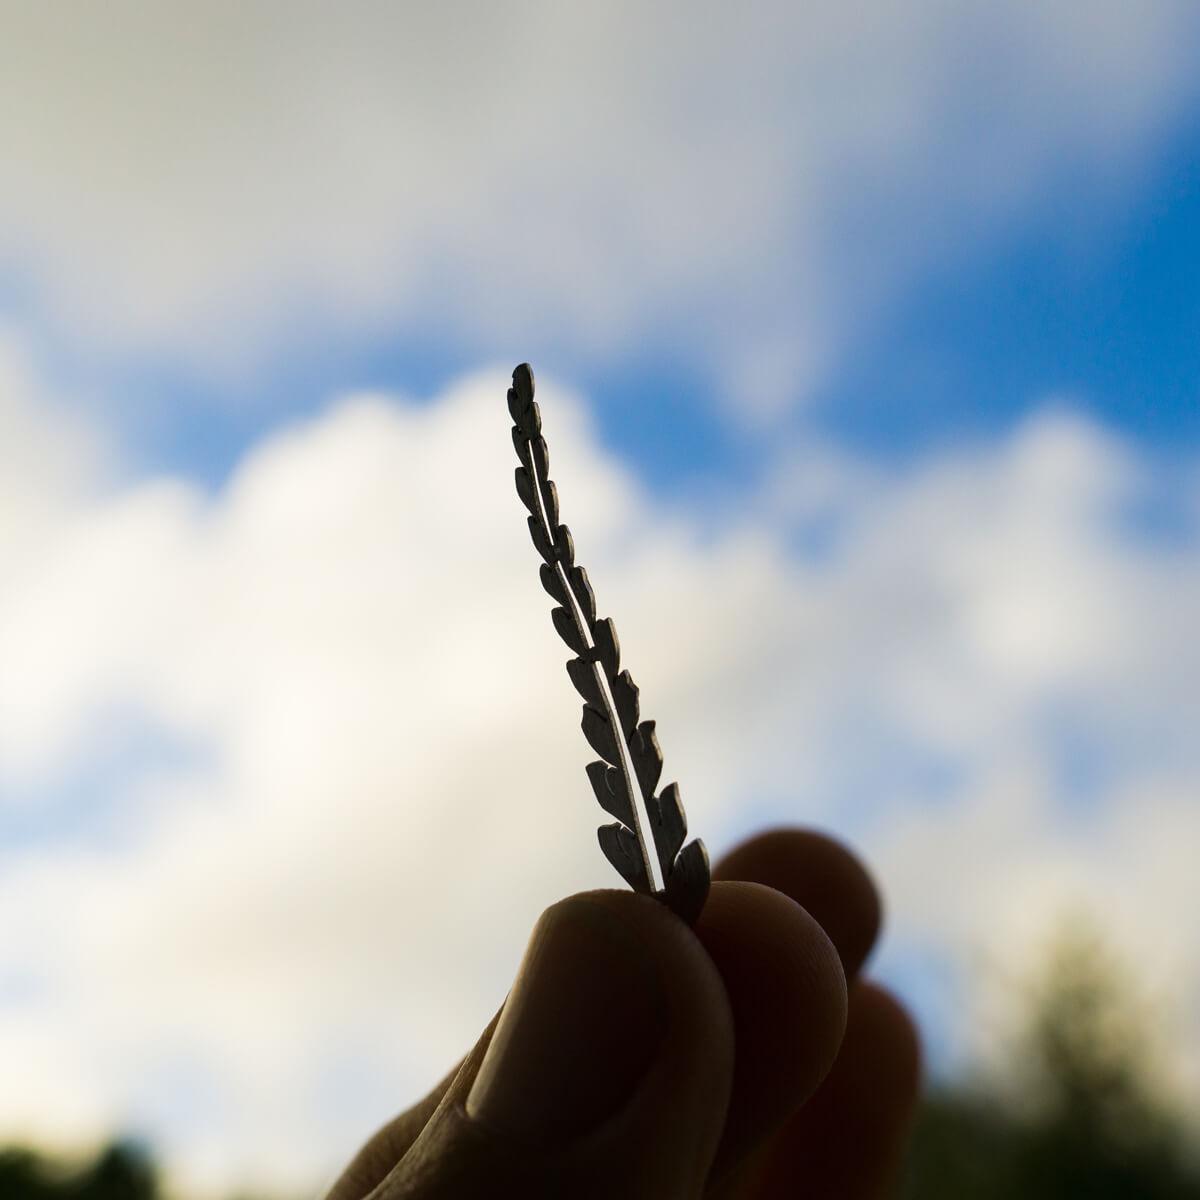 オーダーメイドエンゲージリングの制作風景 シダの形のリング 越しの屋久島の青空 屋久島でつくる婚約指輪